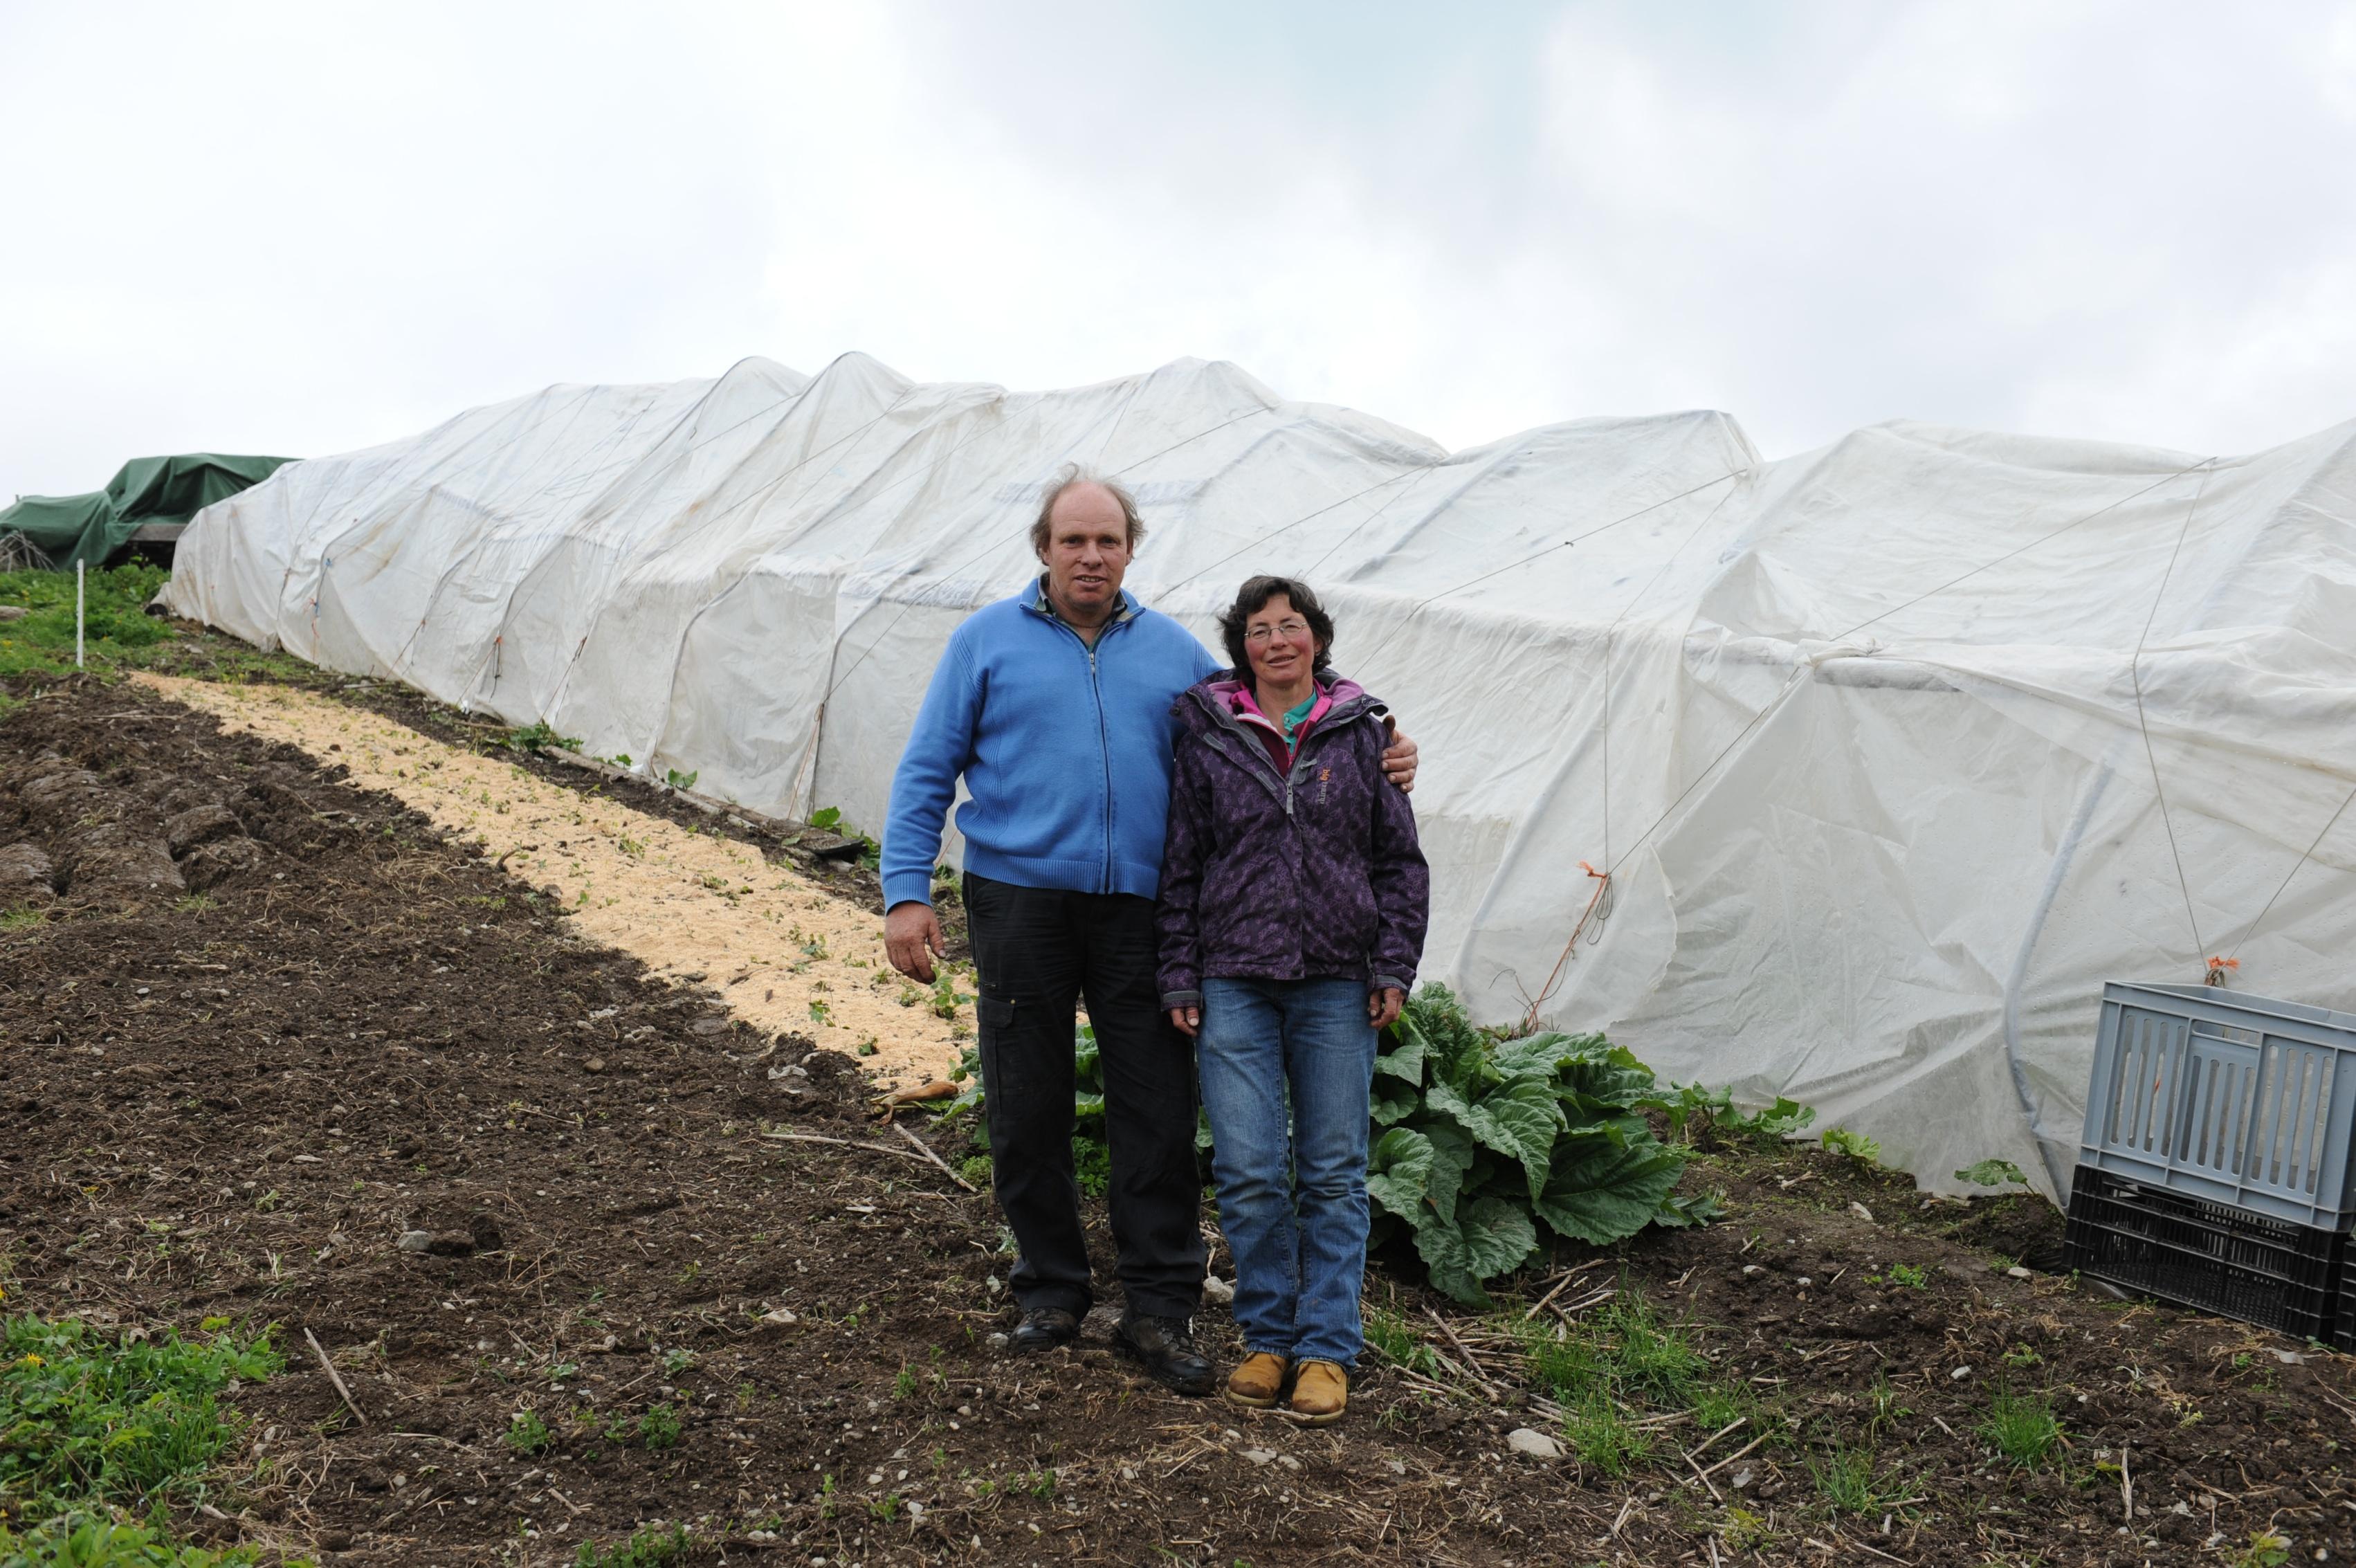 Annamaria e Marcus Duff cultiveschan sper far il pur anc en tut 2000 meters quadrat iert.